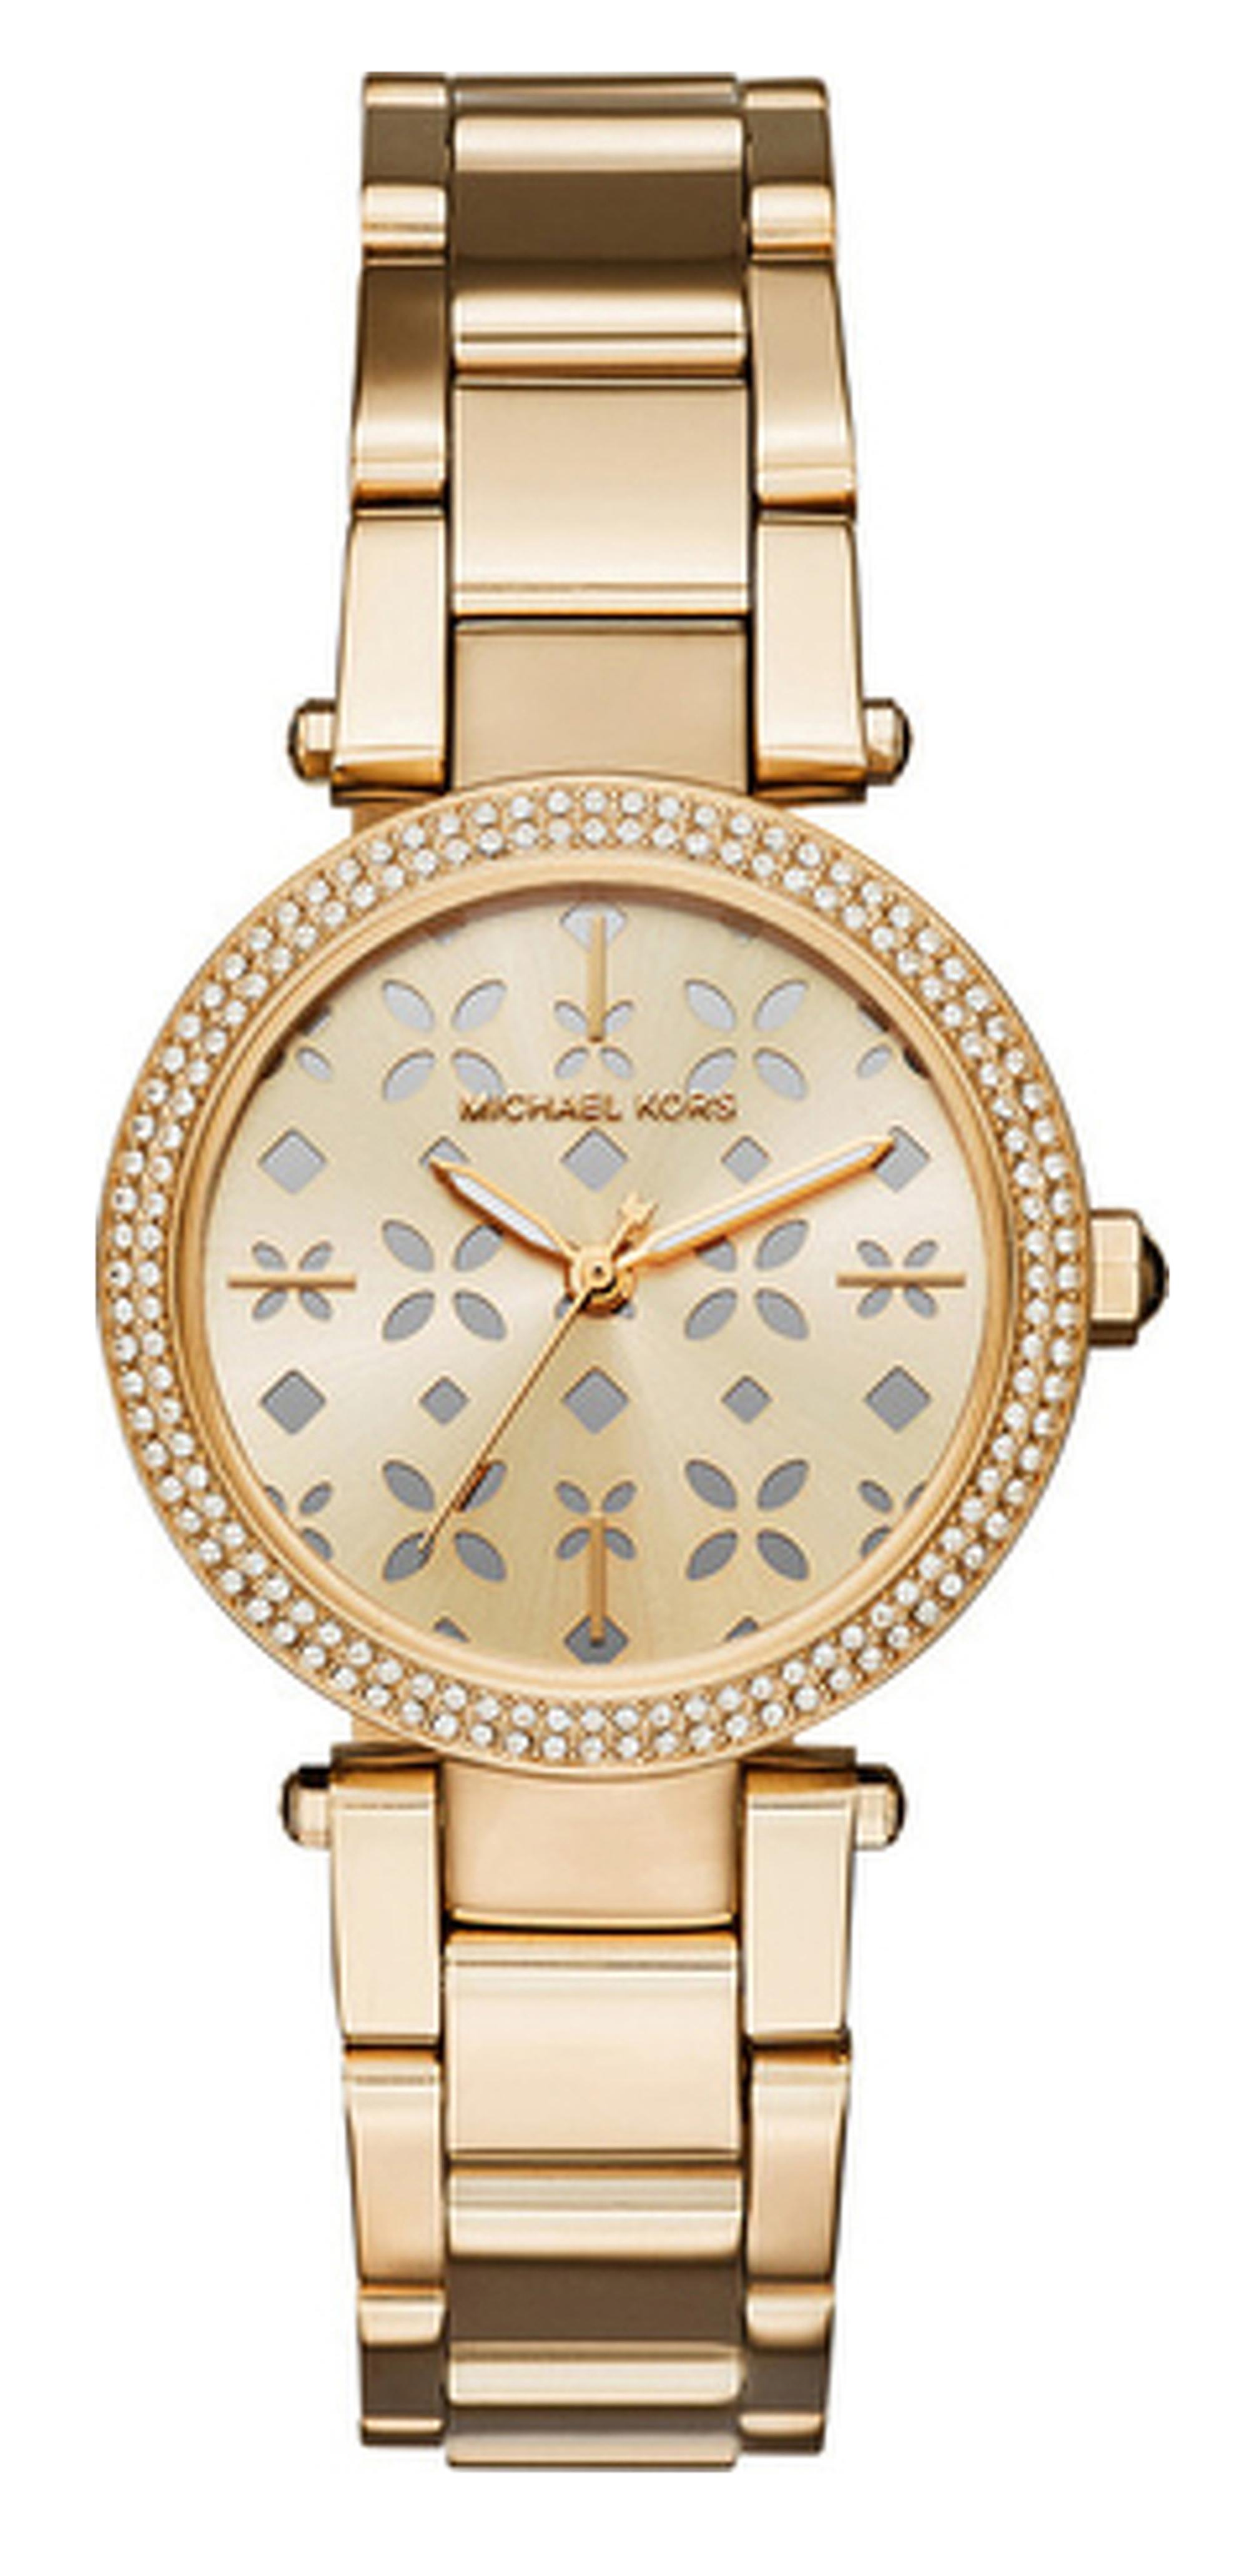 ساعة من الستانلس ستيل باللون الذهبي مع مينا مزينة من مايكل كورس